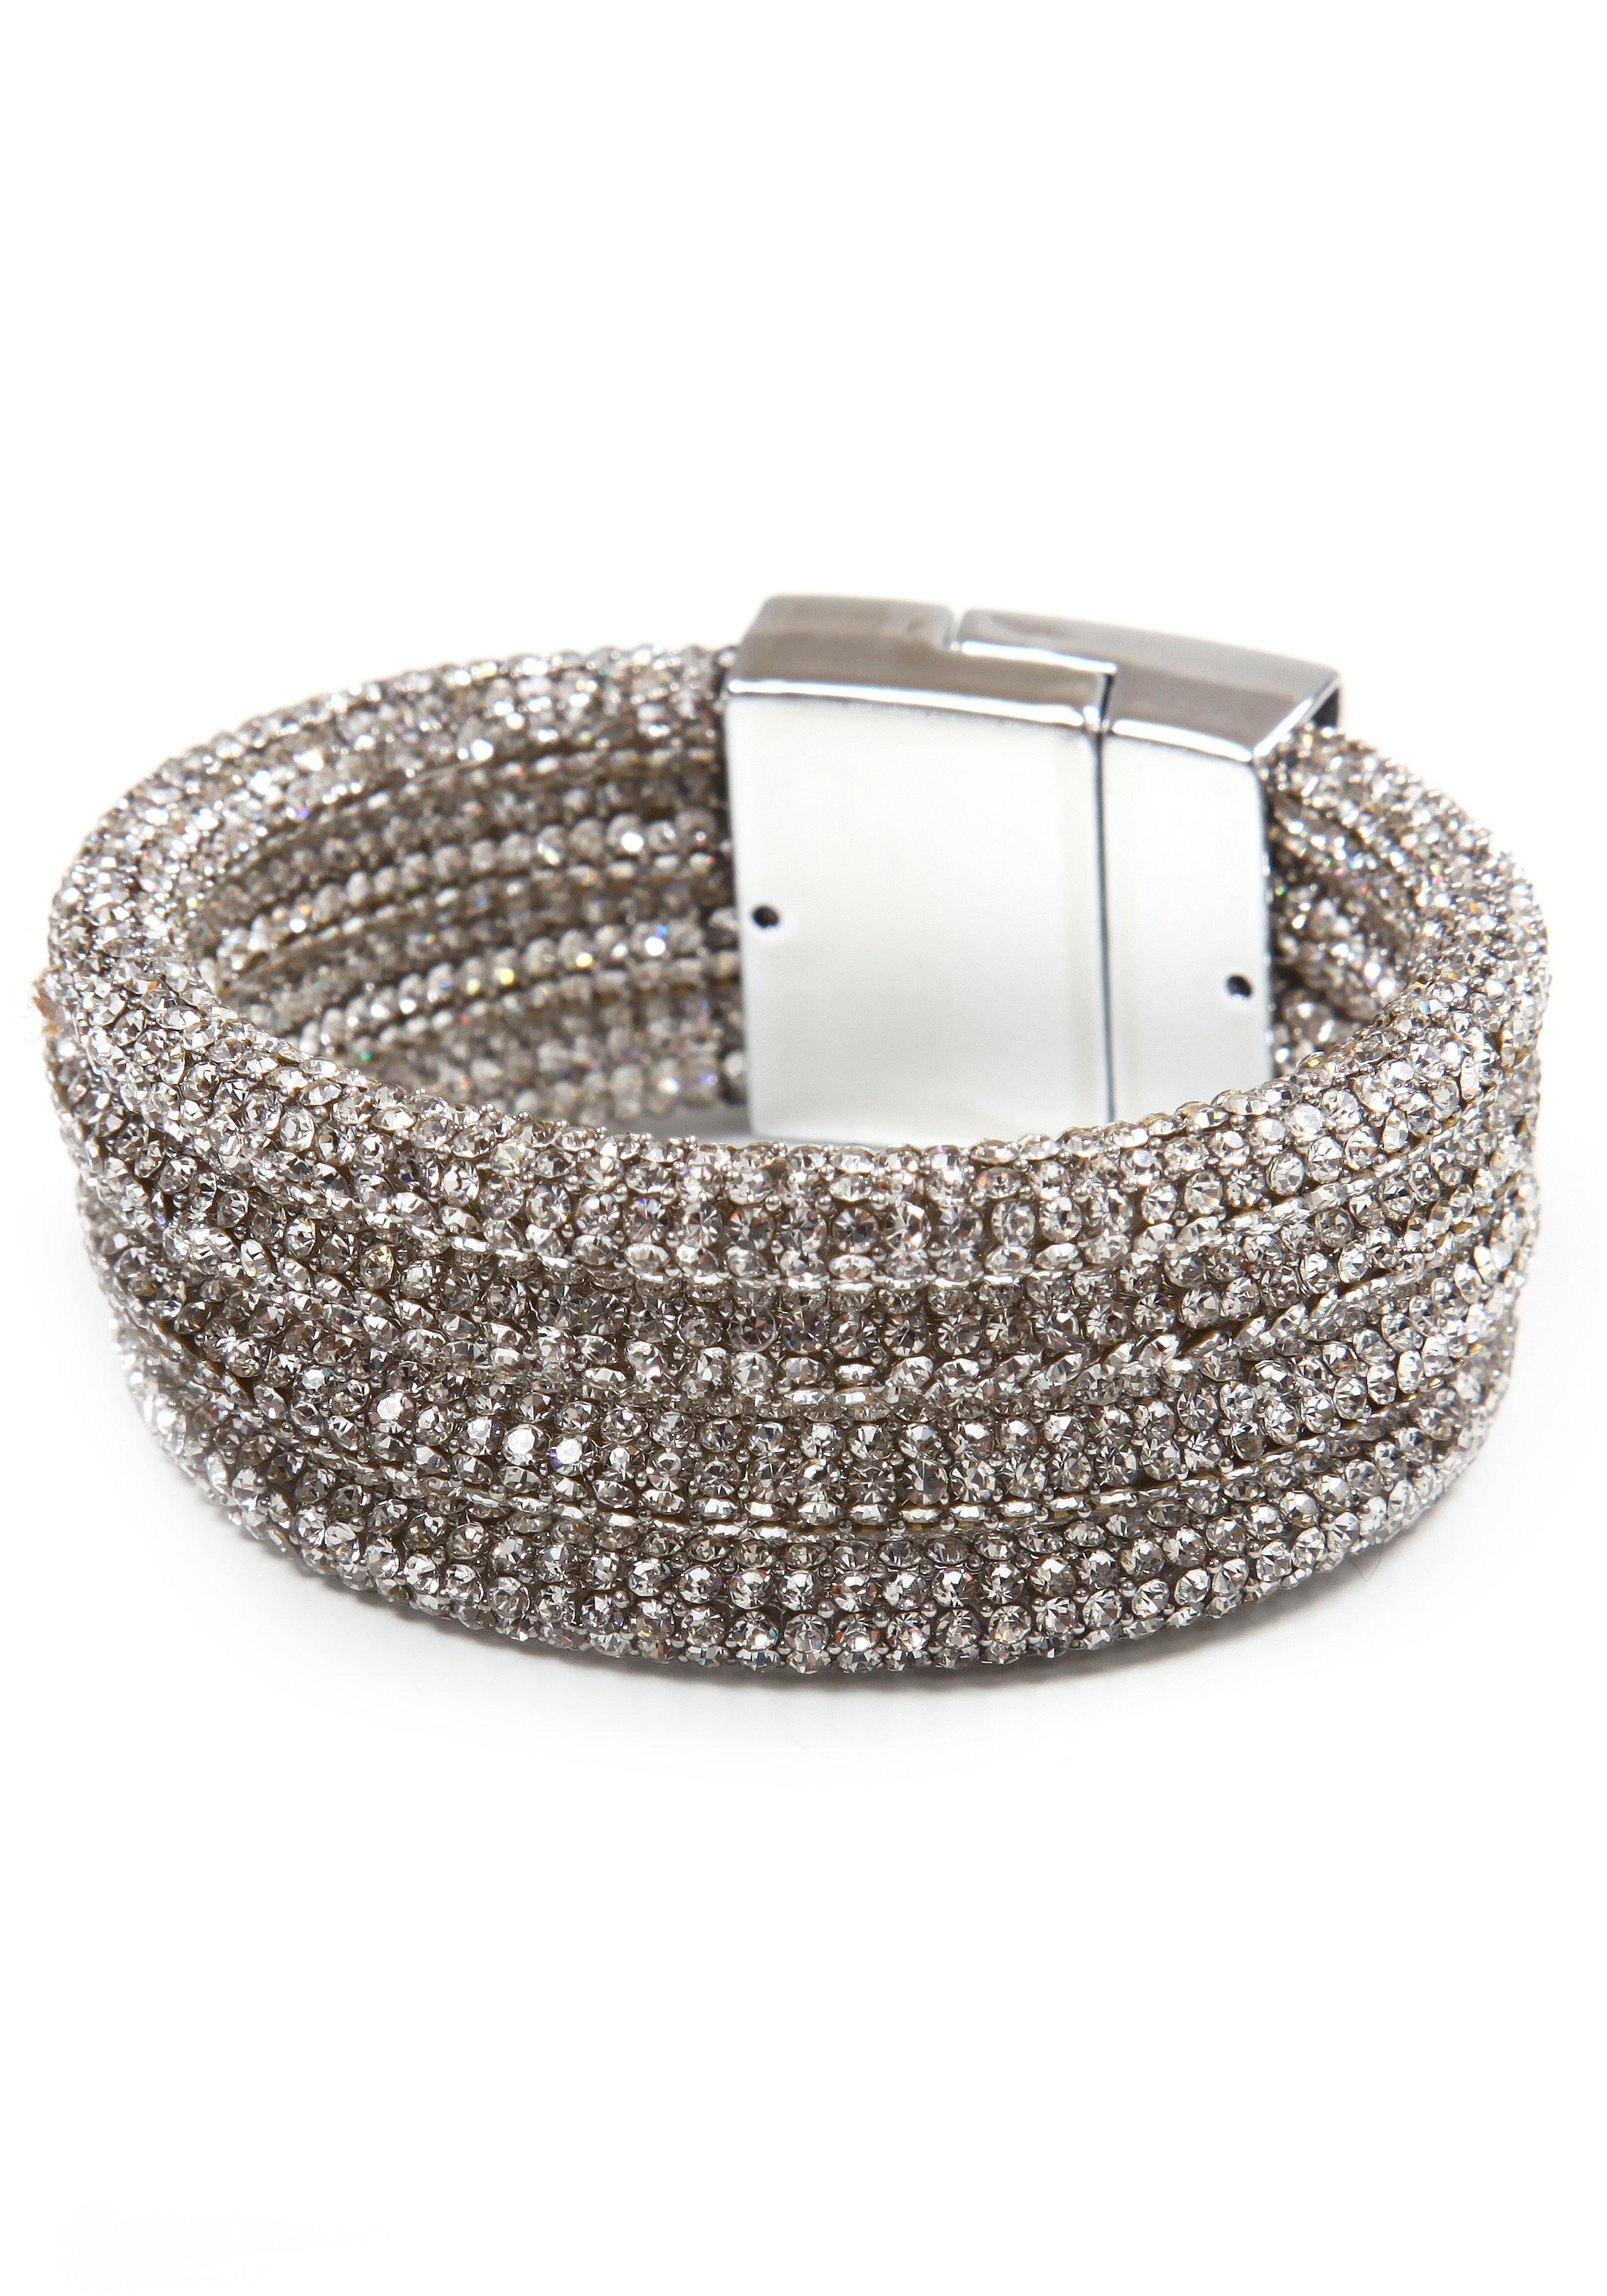 Op zoek naar een COLLEZIONE ALESSANDRO armband A2858-F43 met glassteentjes? Koop online bij OTTO